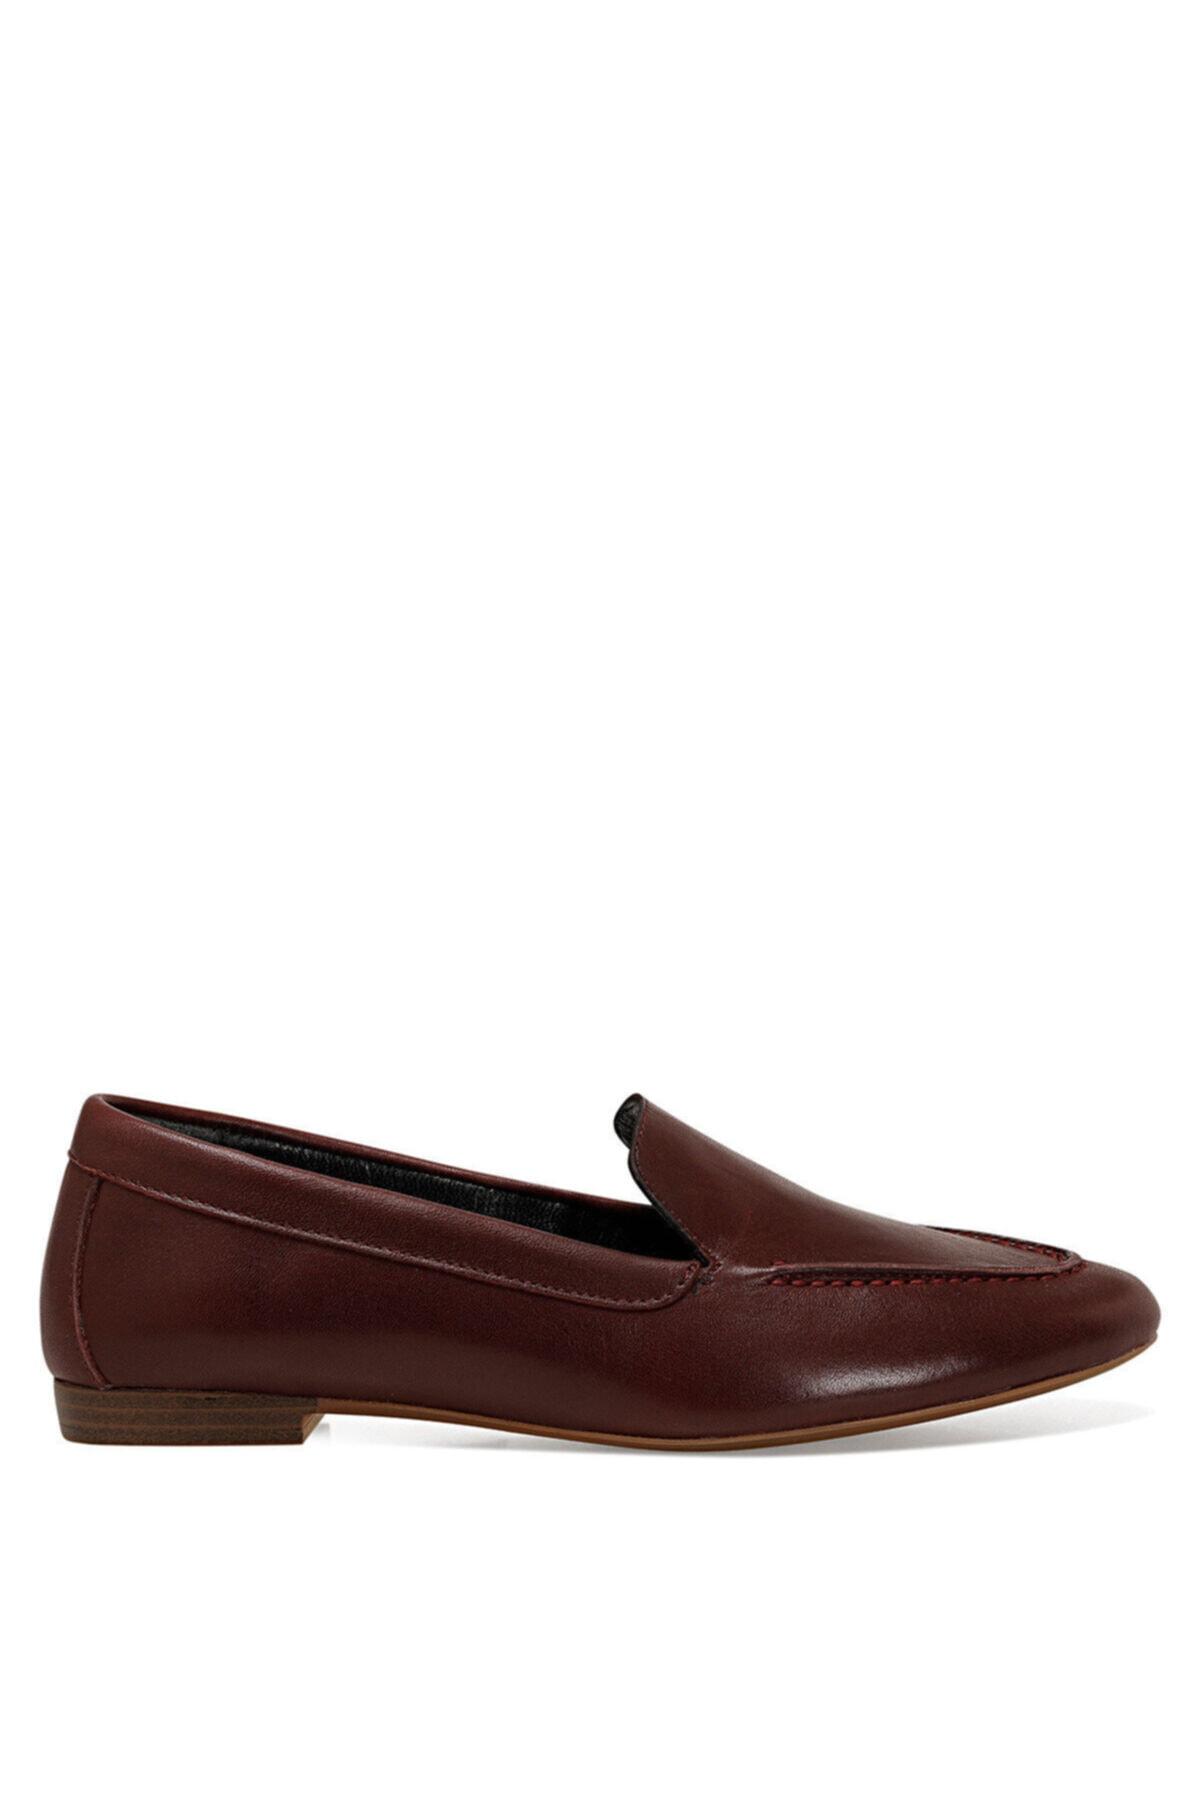 Nine West SUSHI Bordo Kadın Loafer Ayakkabı 100582253 1